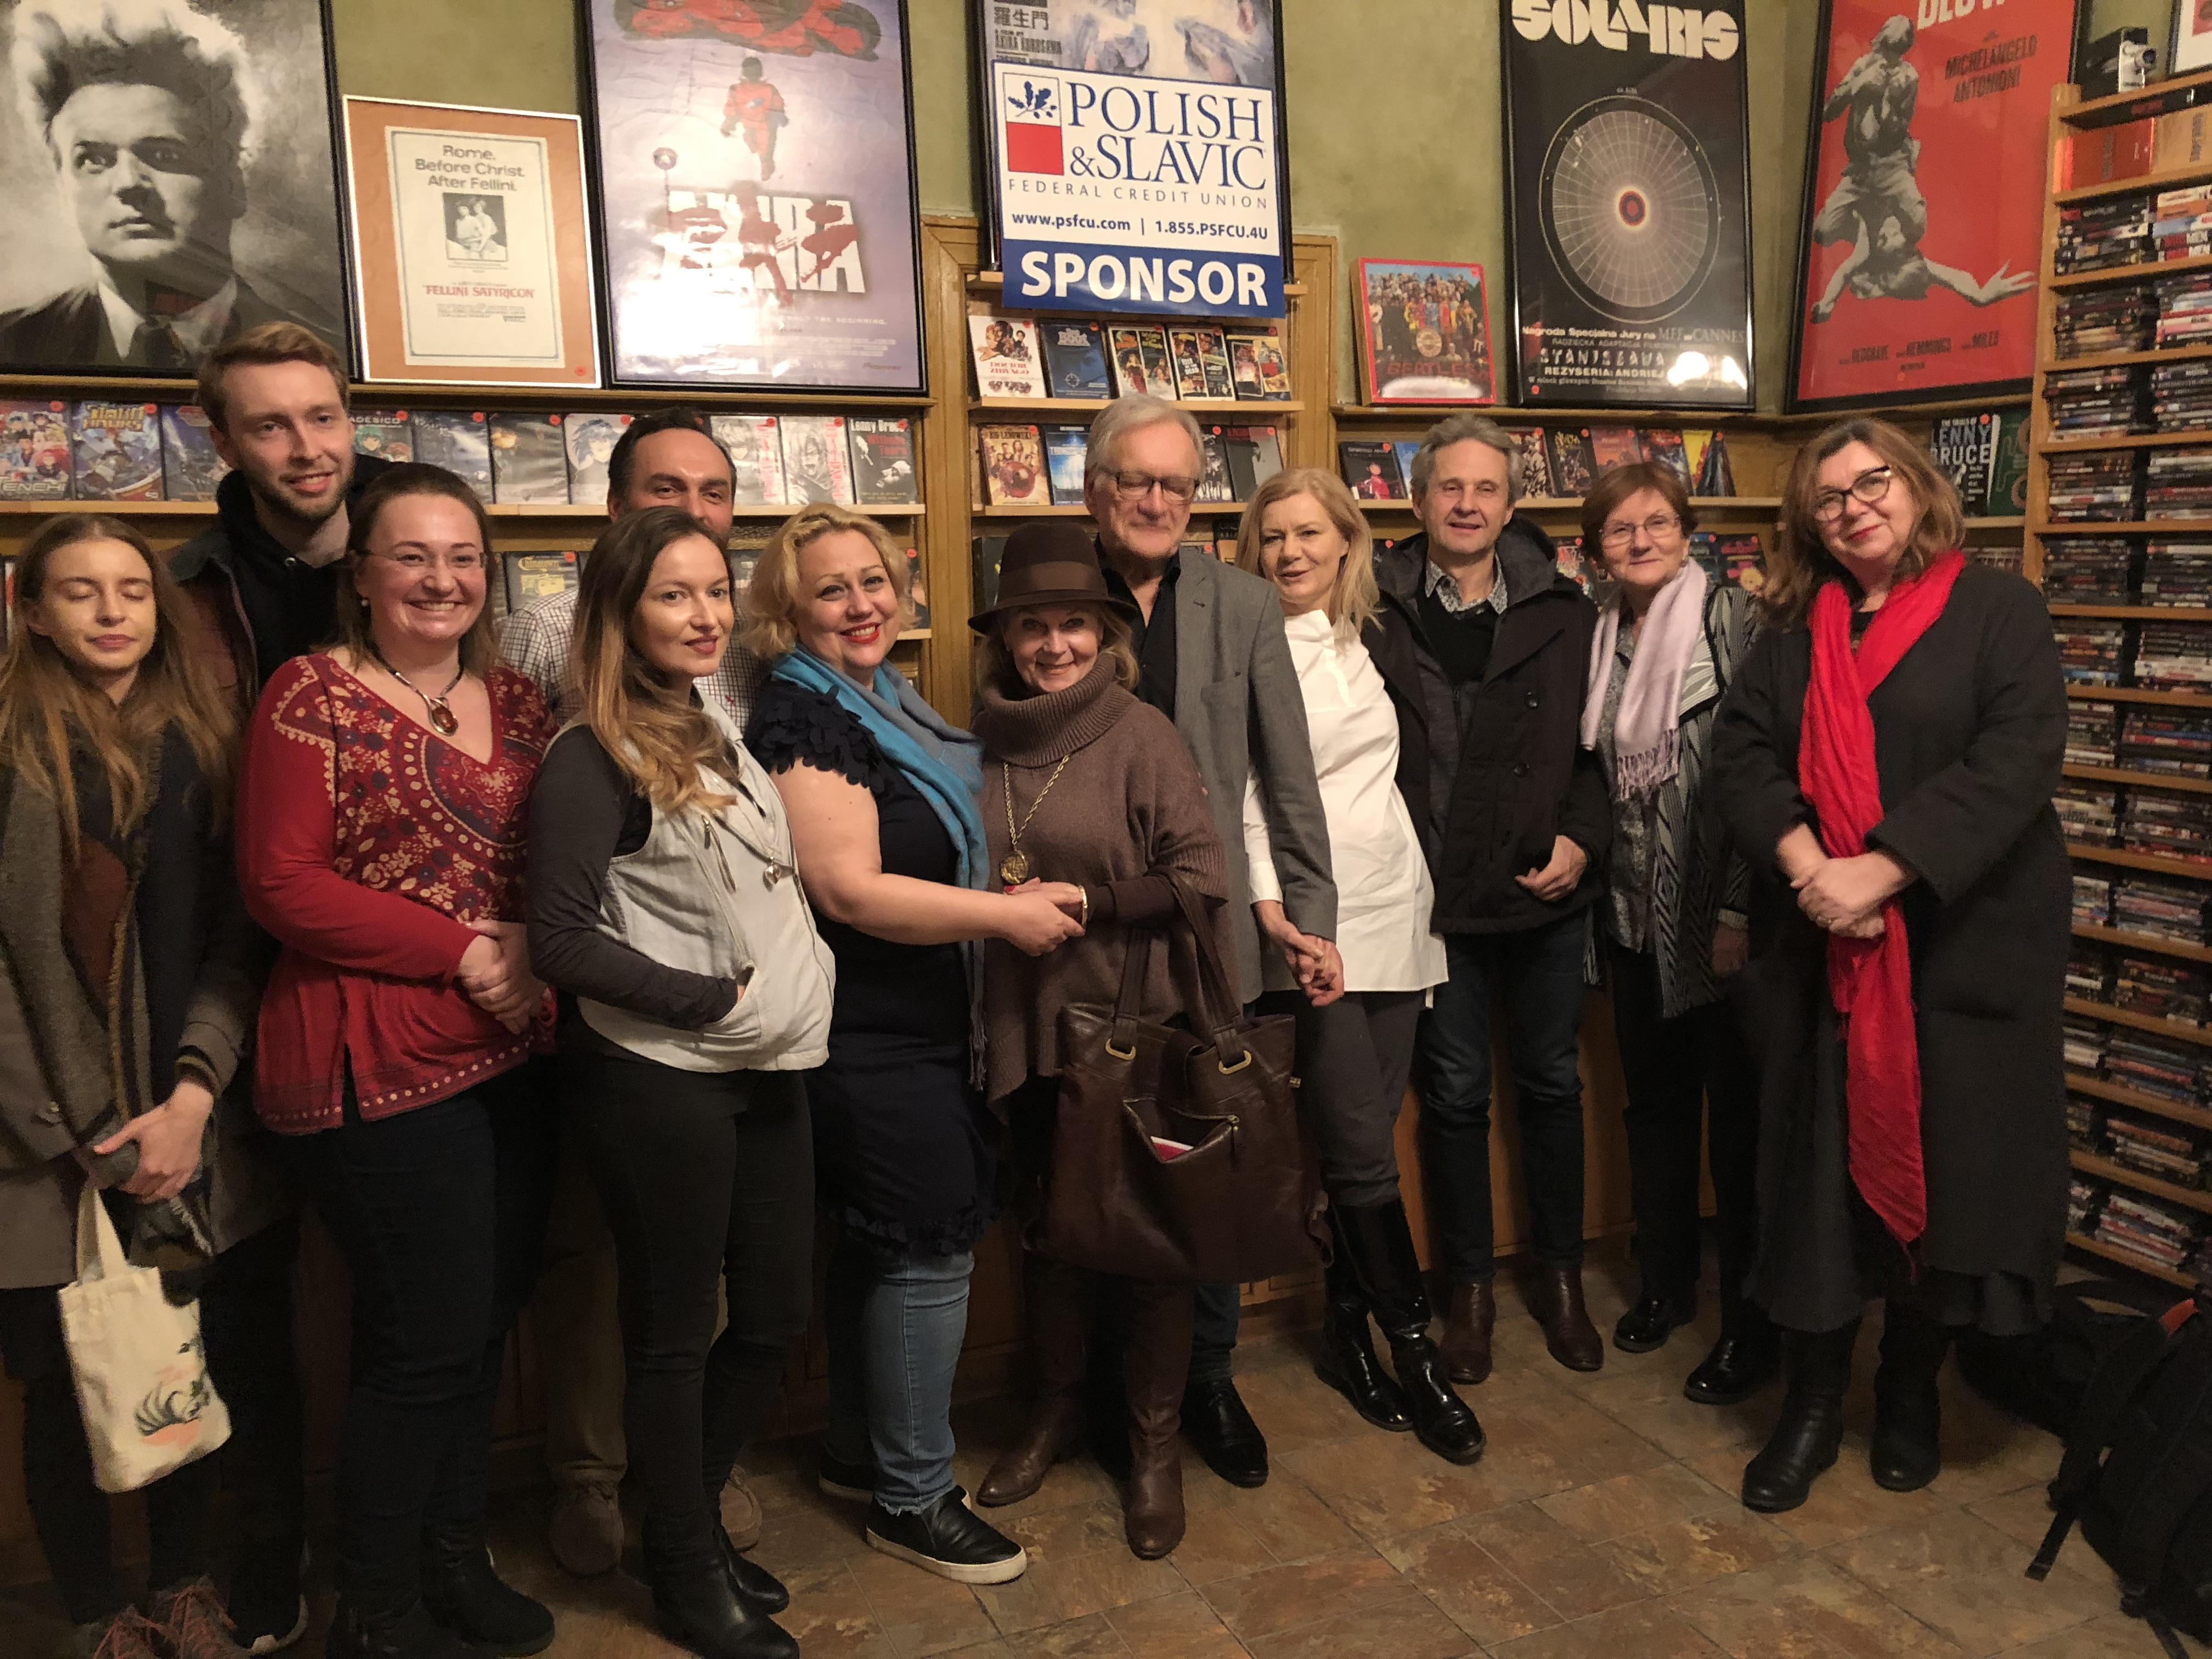 Festiwal Filmowy z prawdziwy happy-endem! PRZEGLĄD POLSKICH FILMÓW ANDRZEJA SEWERYNA W NYC